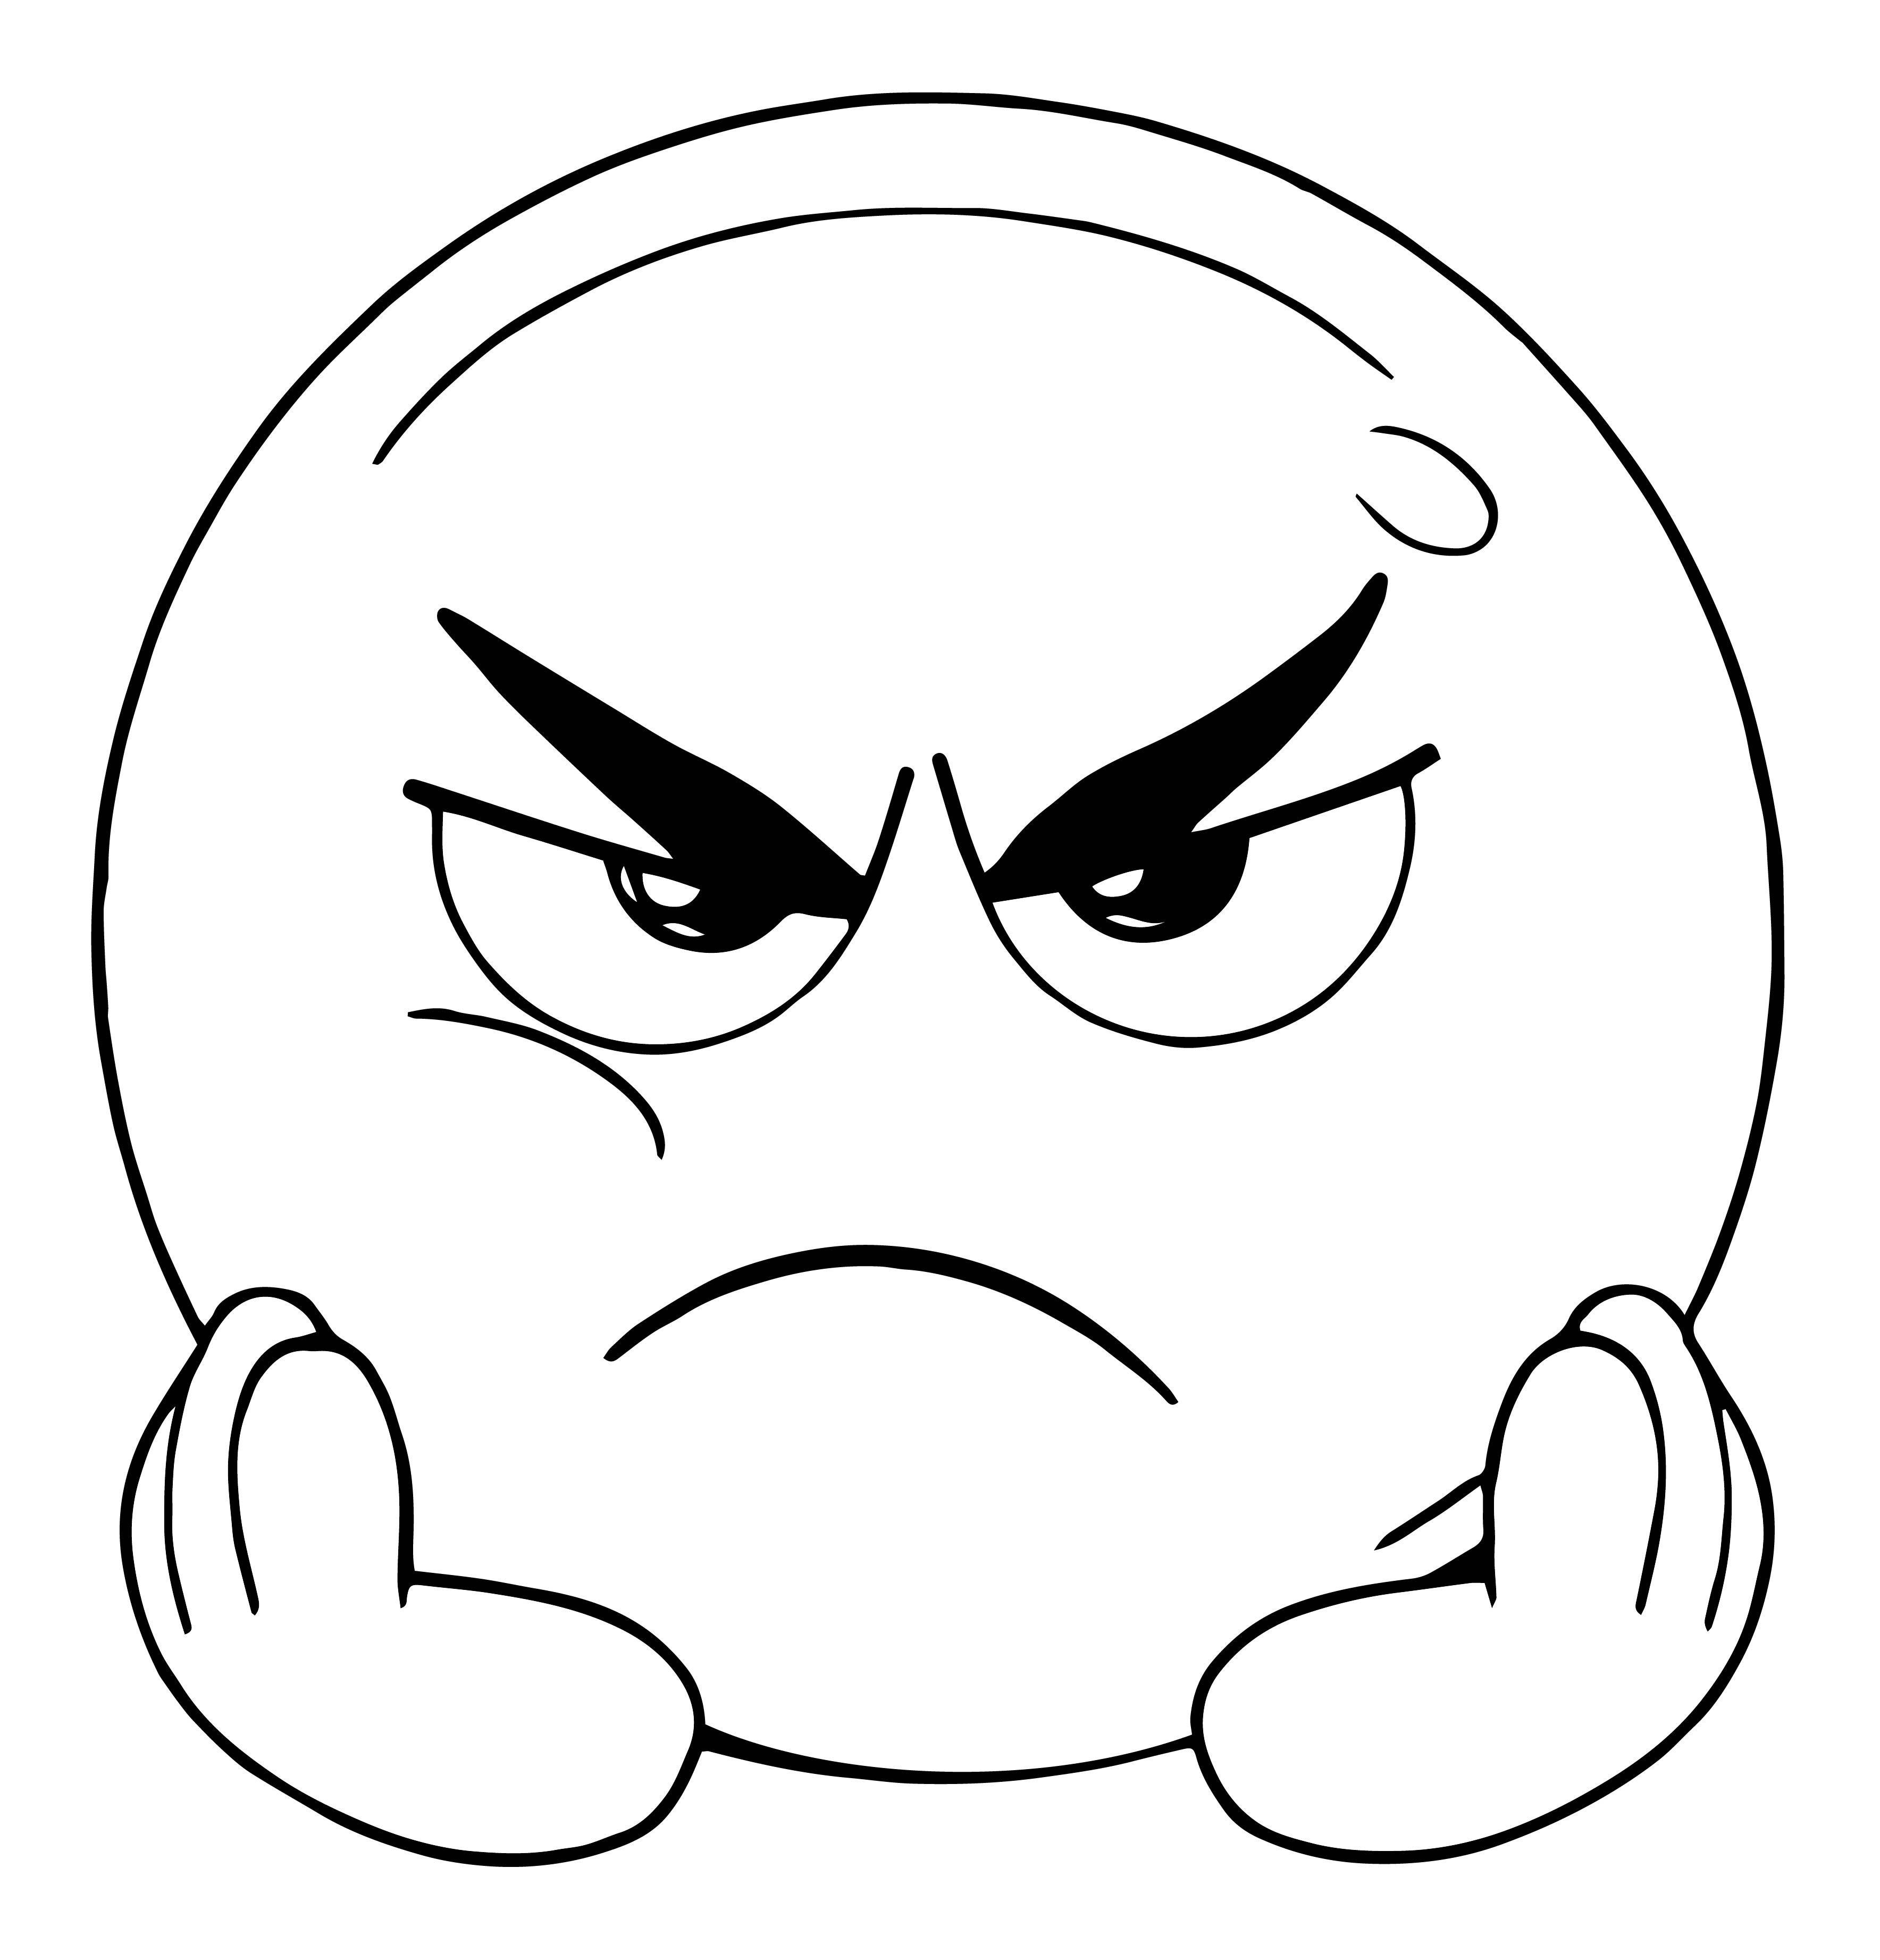 Angry And Boring Face Emoticon Coloring Page Boyama Sayfalari